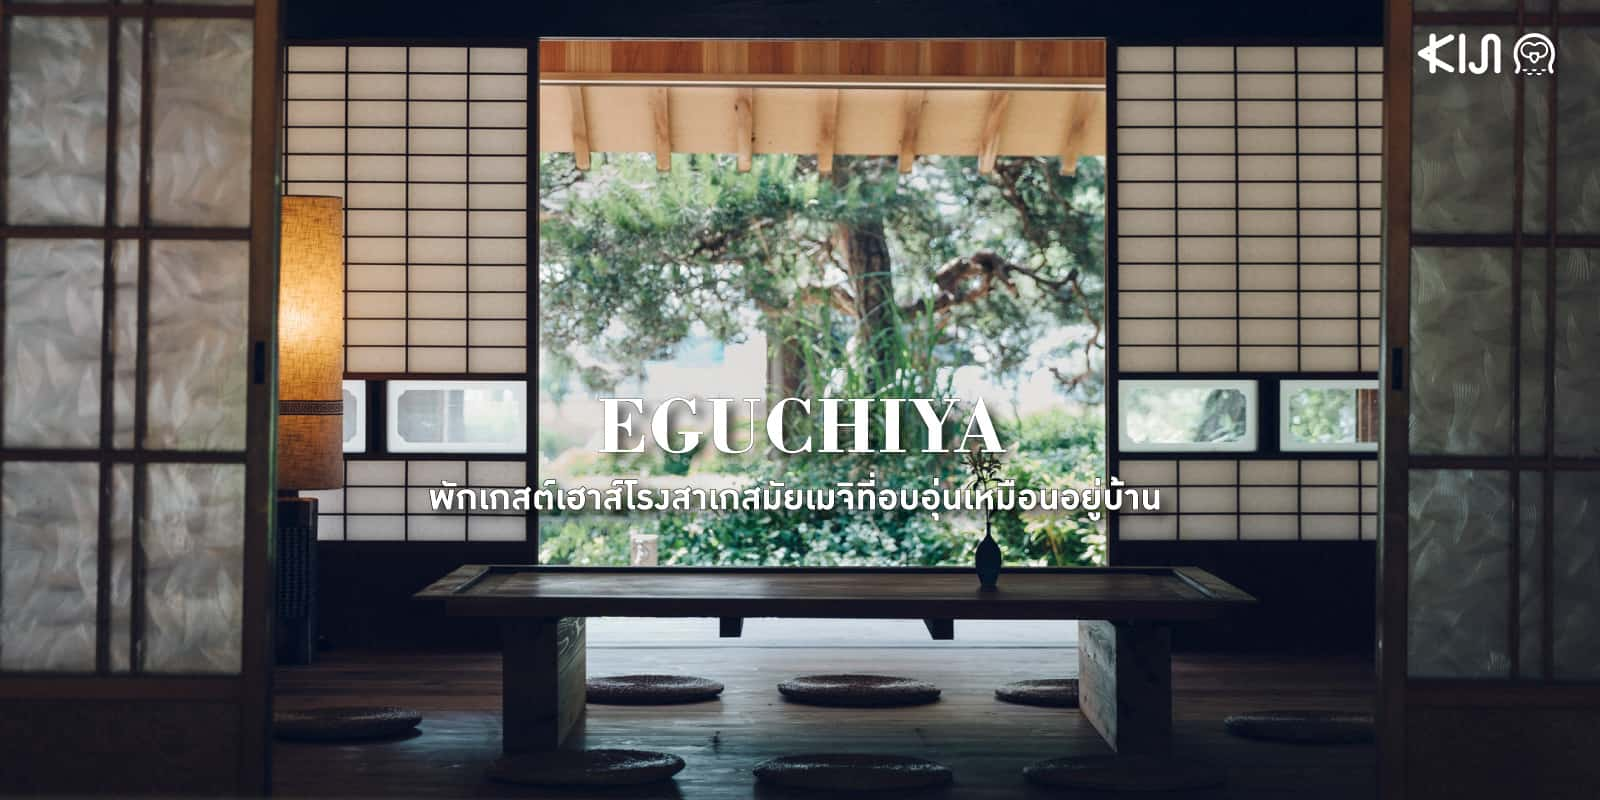 ที่พักในอิบารากิ EGUCHIYA (江口屋)